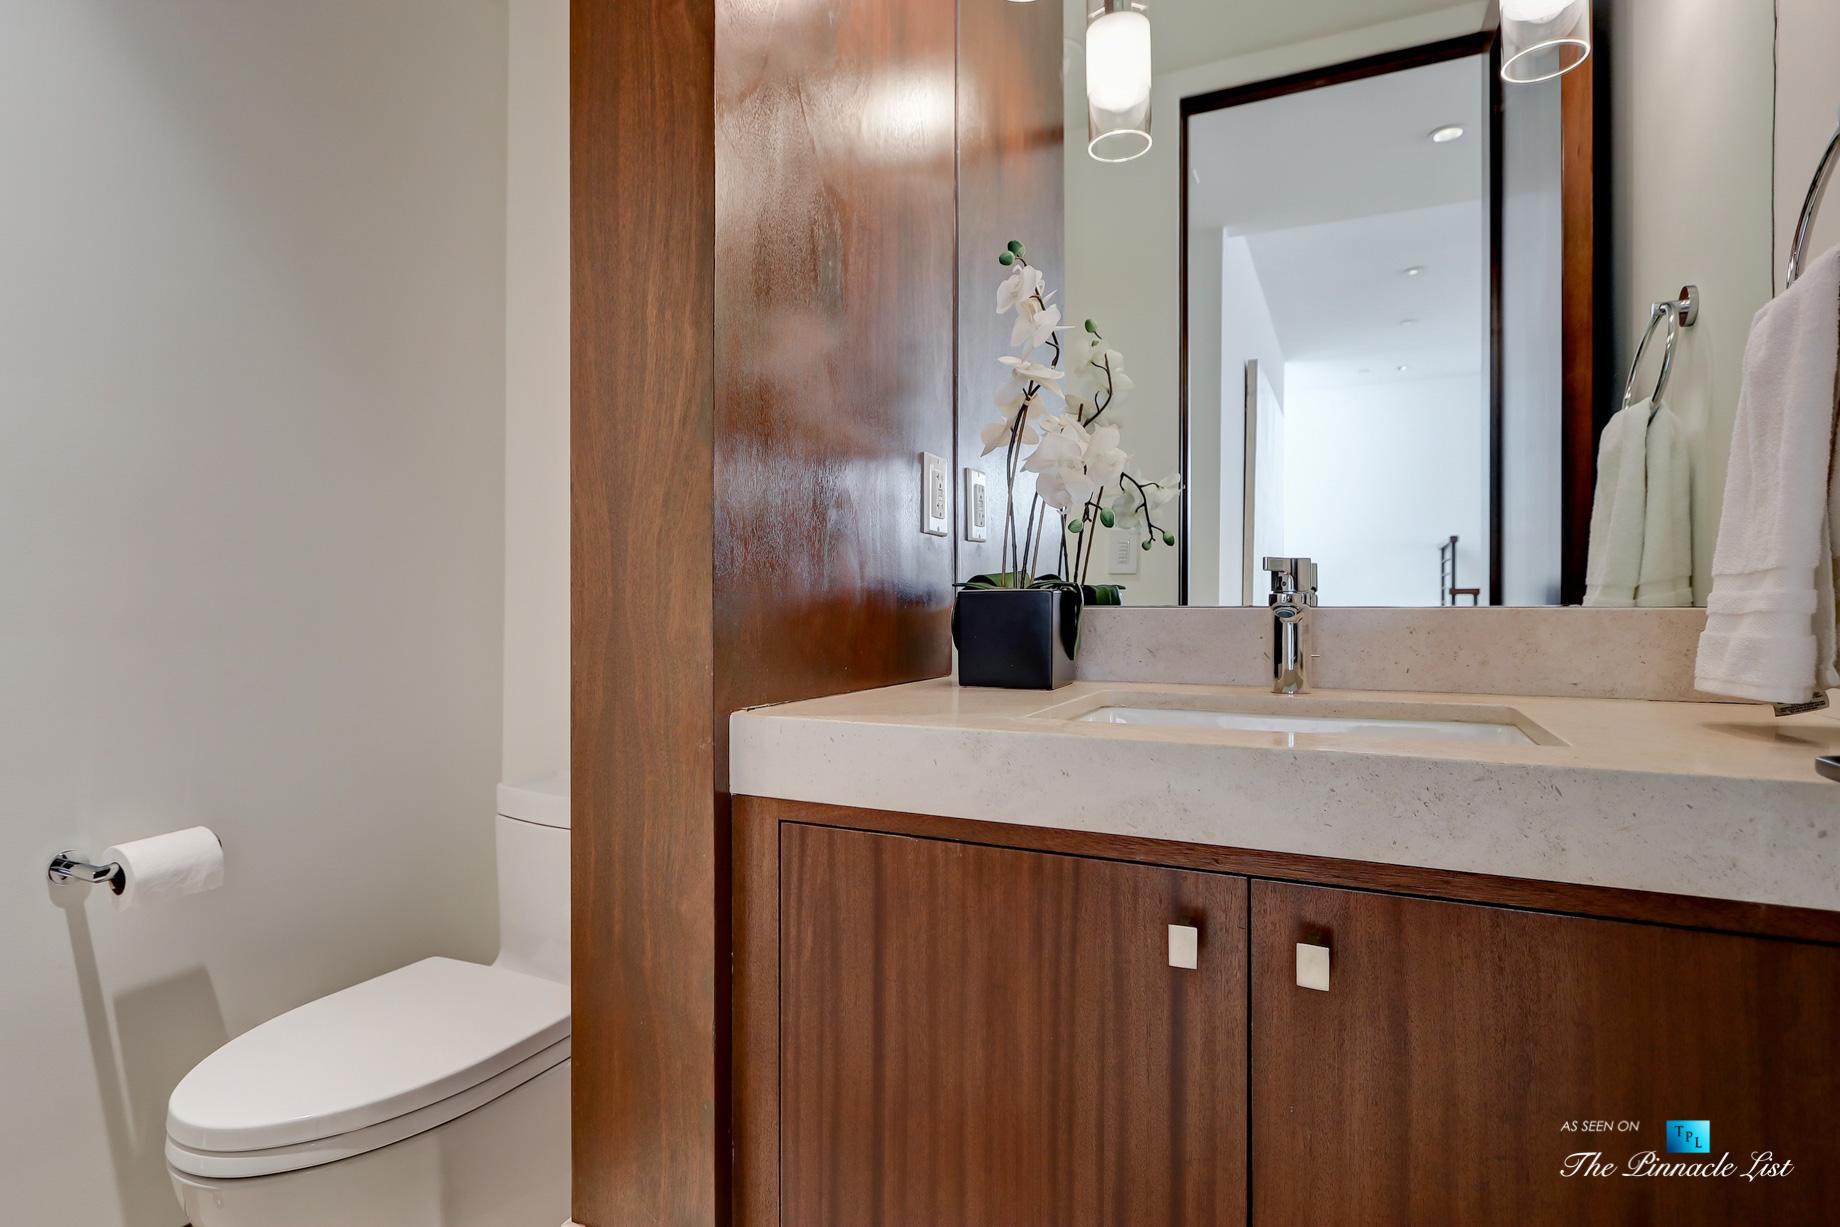 205 20th Street, Manhattan Beach, CA, USA - Bathroom - Luxury Real Estate - Ocean View Home